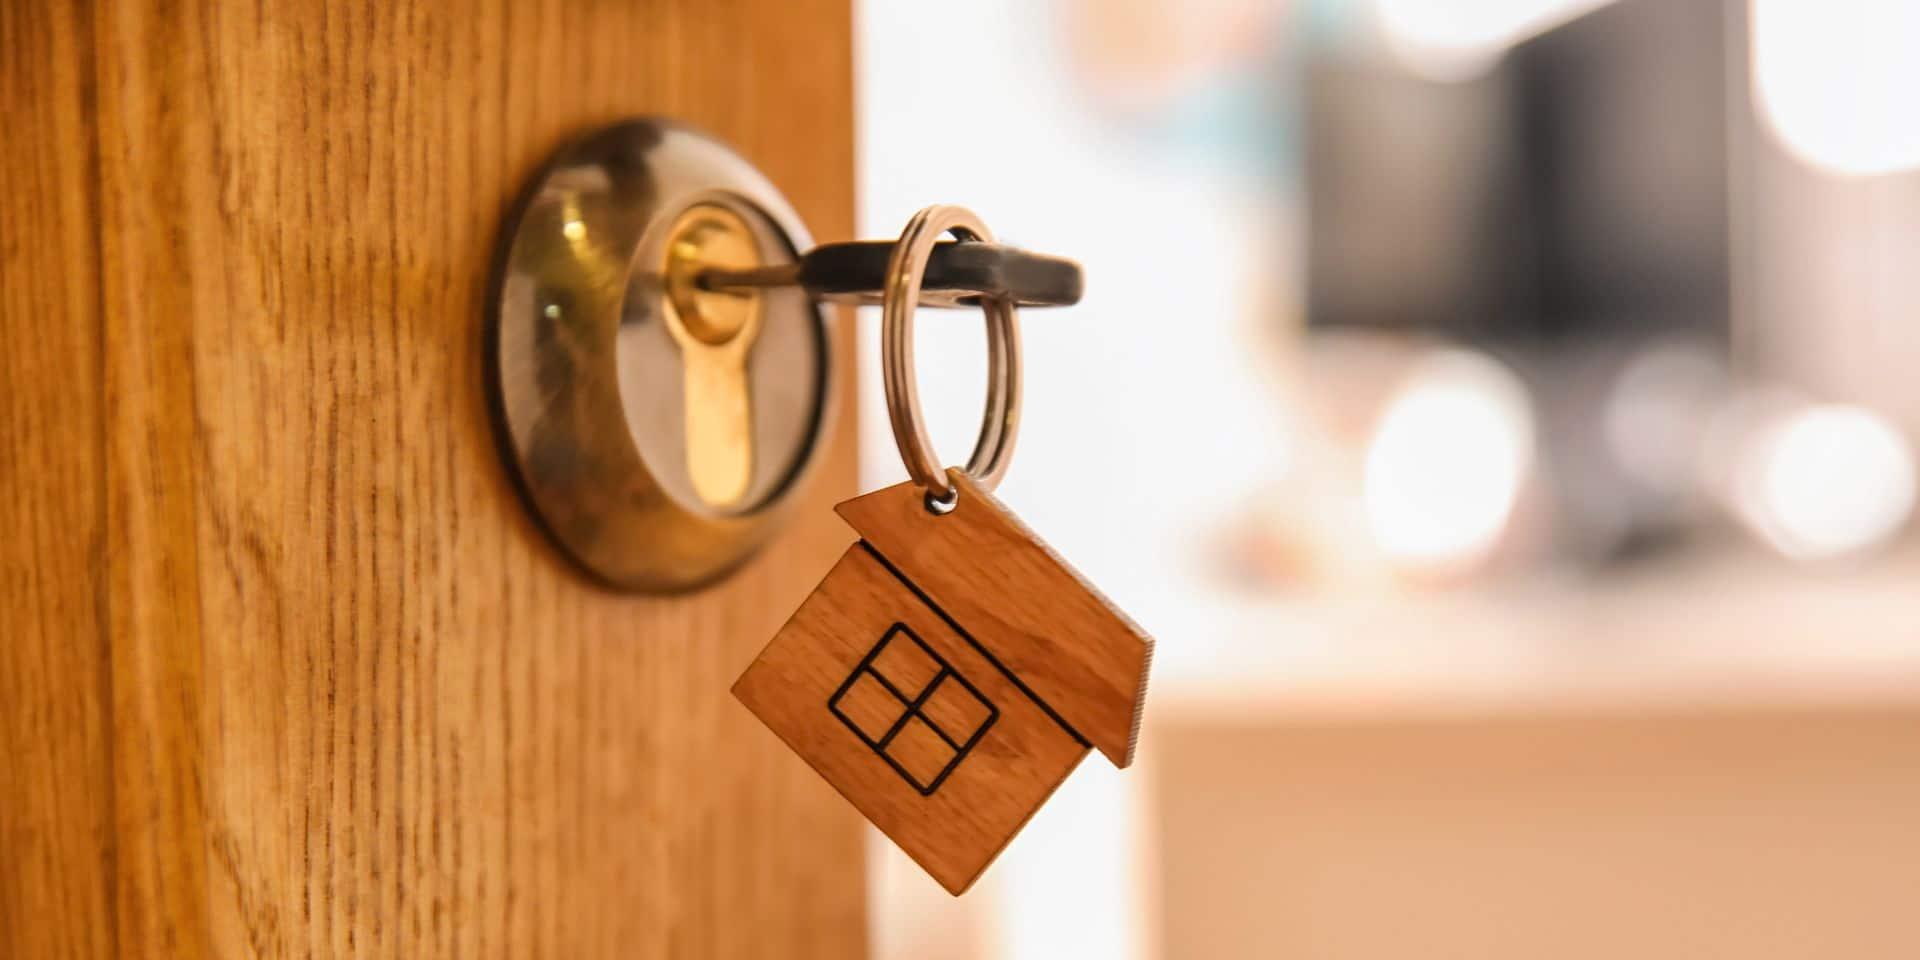 """Les visites des biens immobiliers interdites: """"C'est très difficile d'acheter une maison seulement via une visite virtuelle"""""""